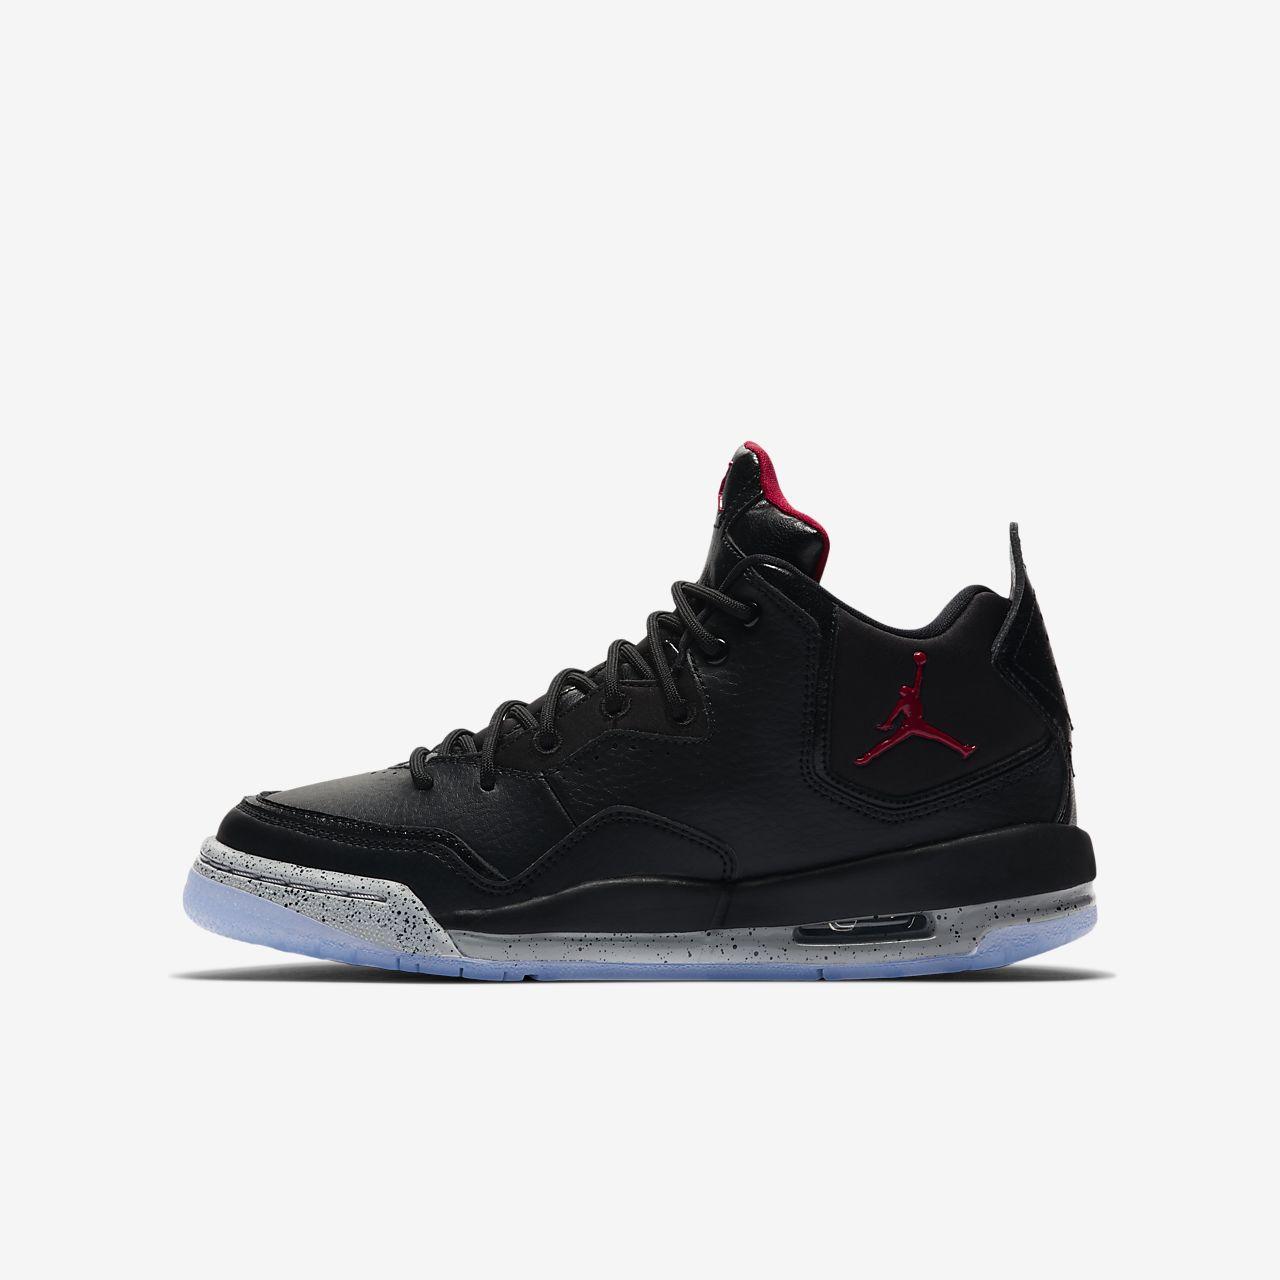 9d7a6ca051a Bota Jordan Courtside 23 pro větší děti. Nike.com CZ